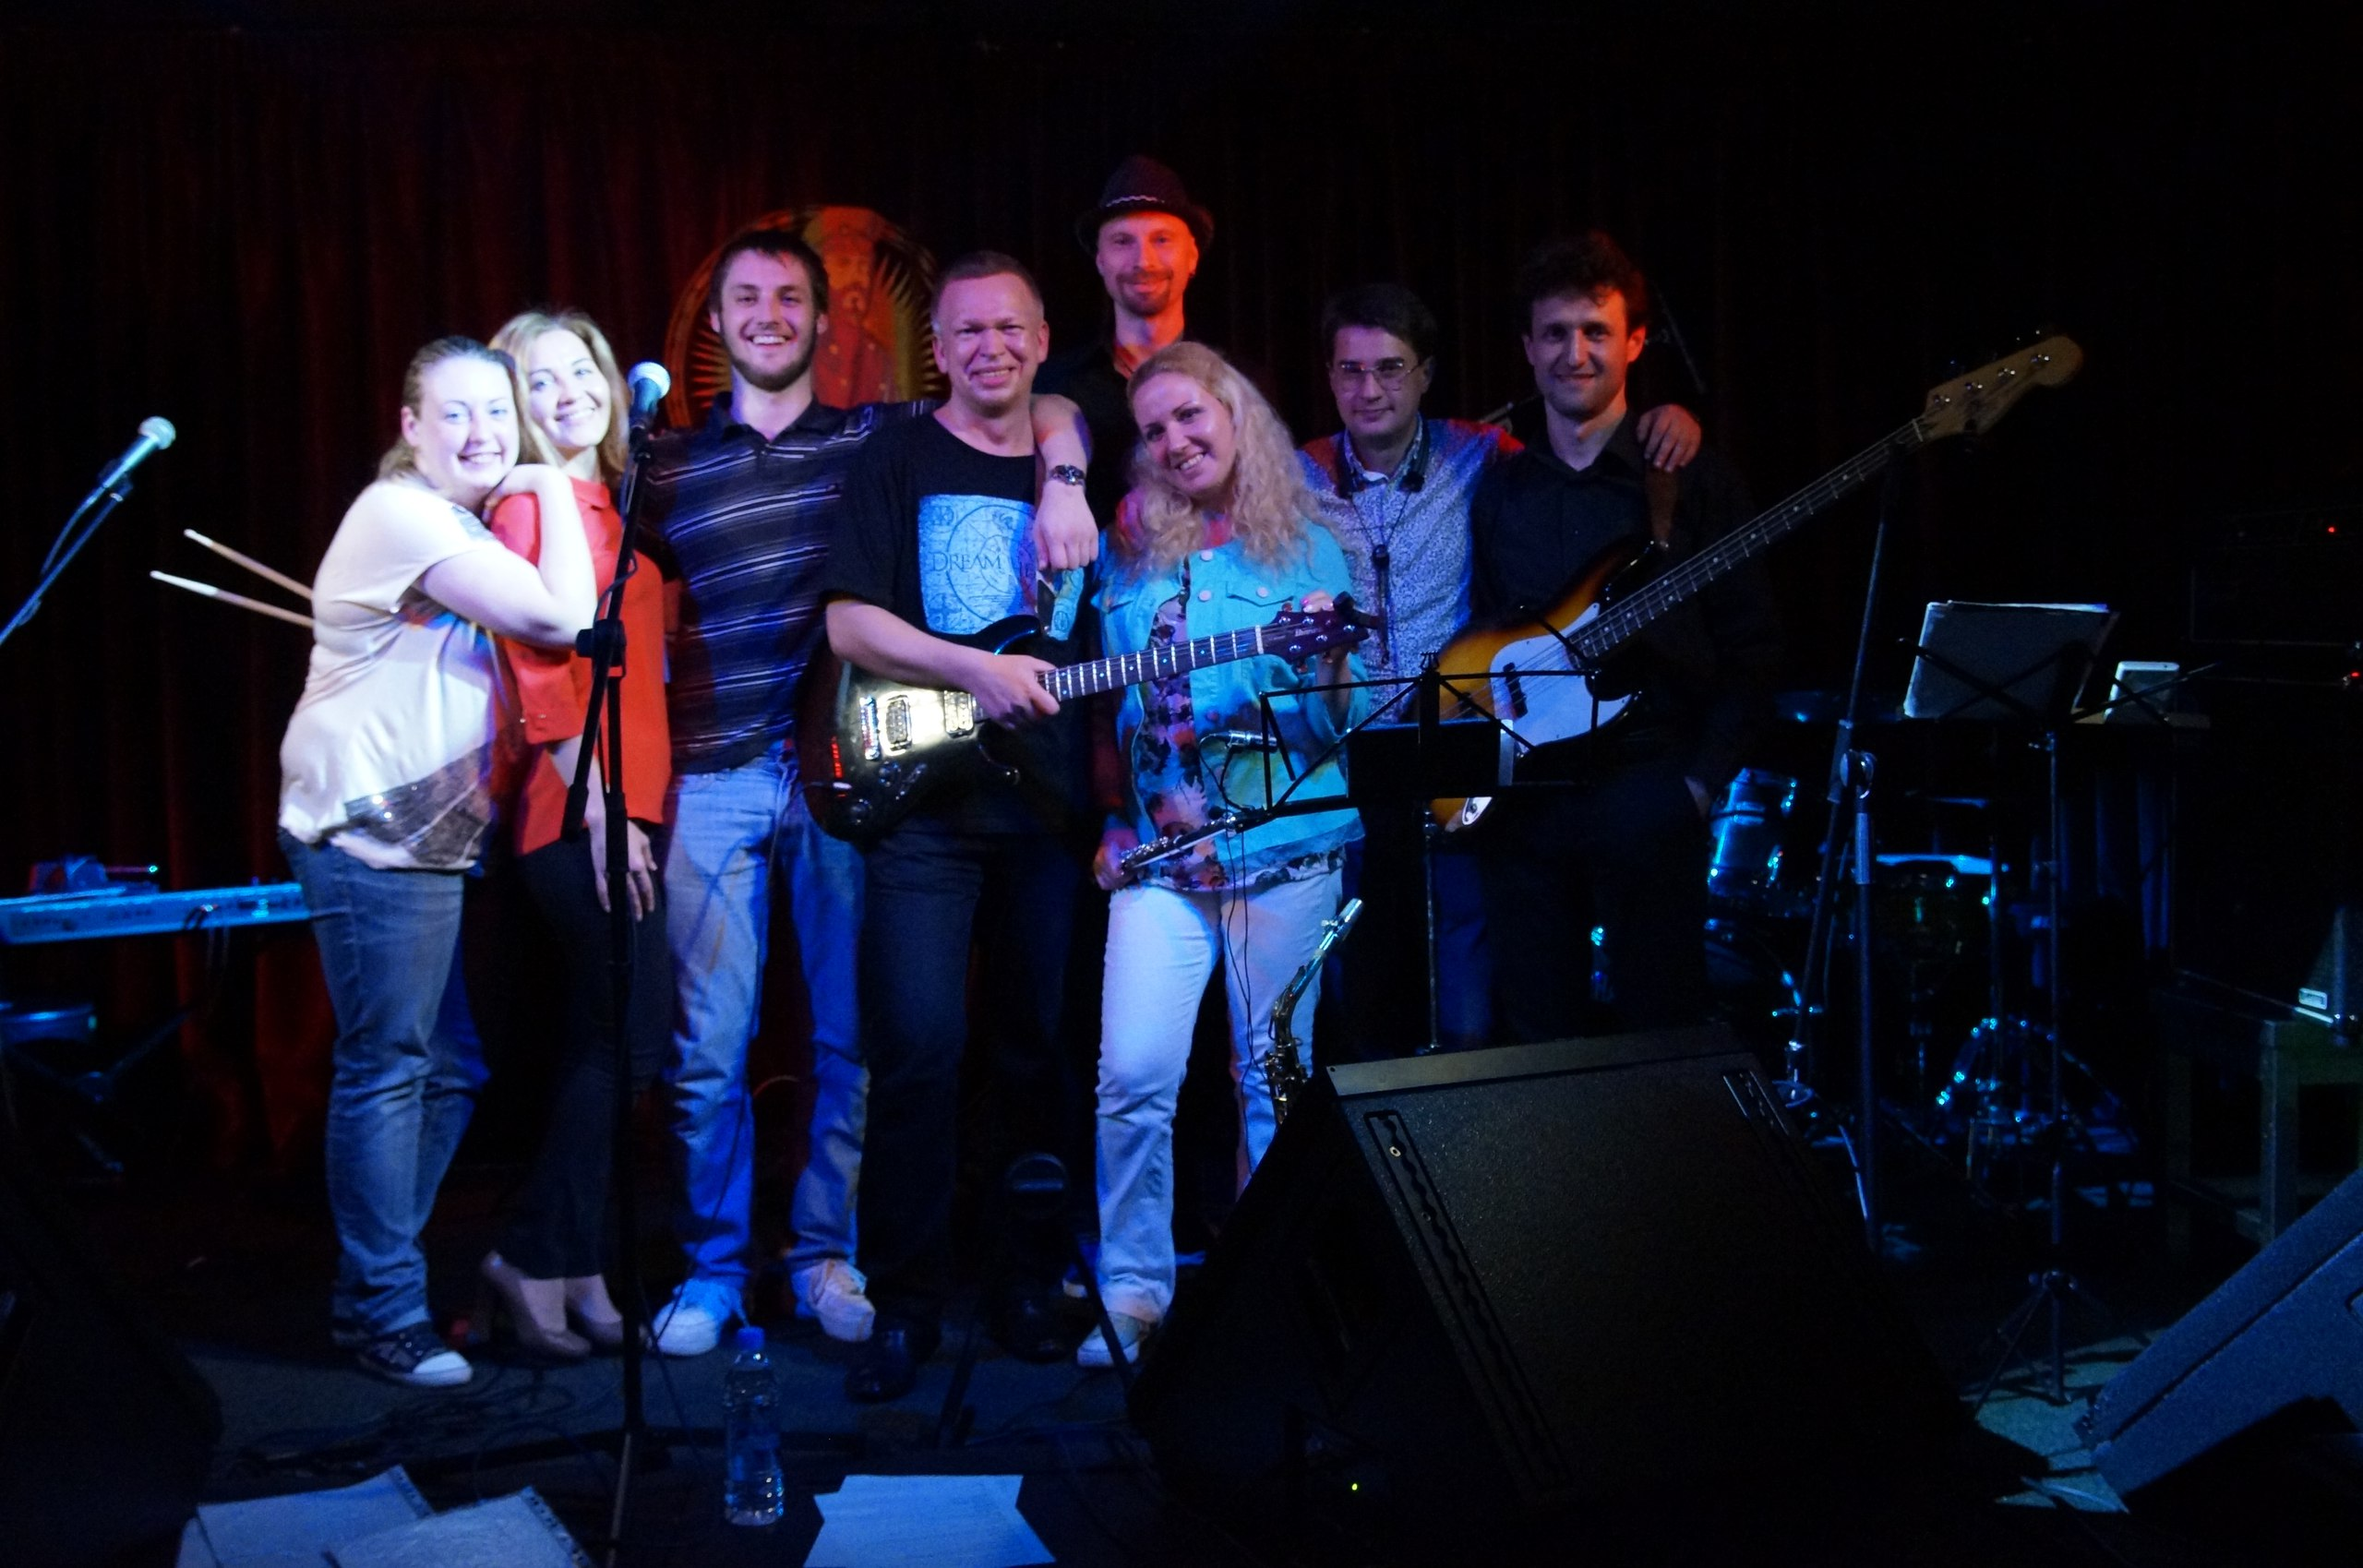 Праздничный концерт «Лёха Охтинский Project band» в честь Дня рождения солиста